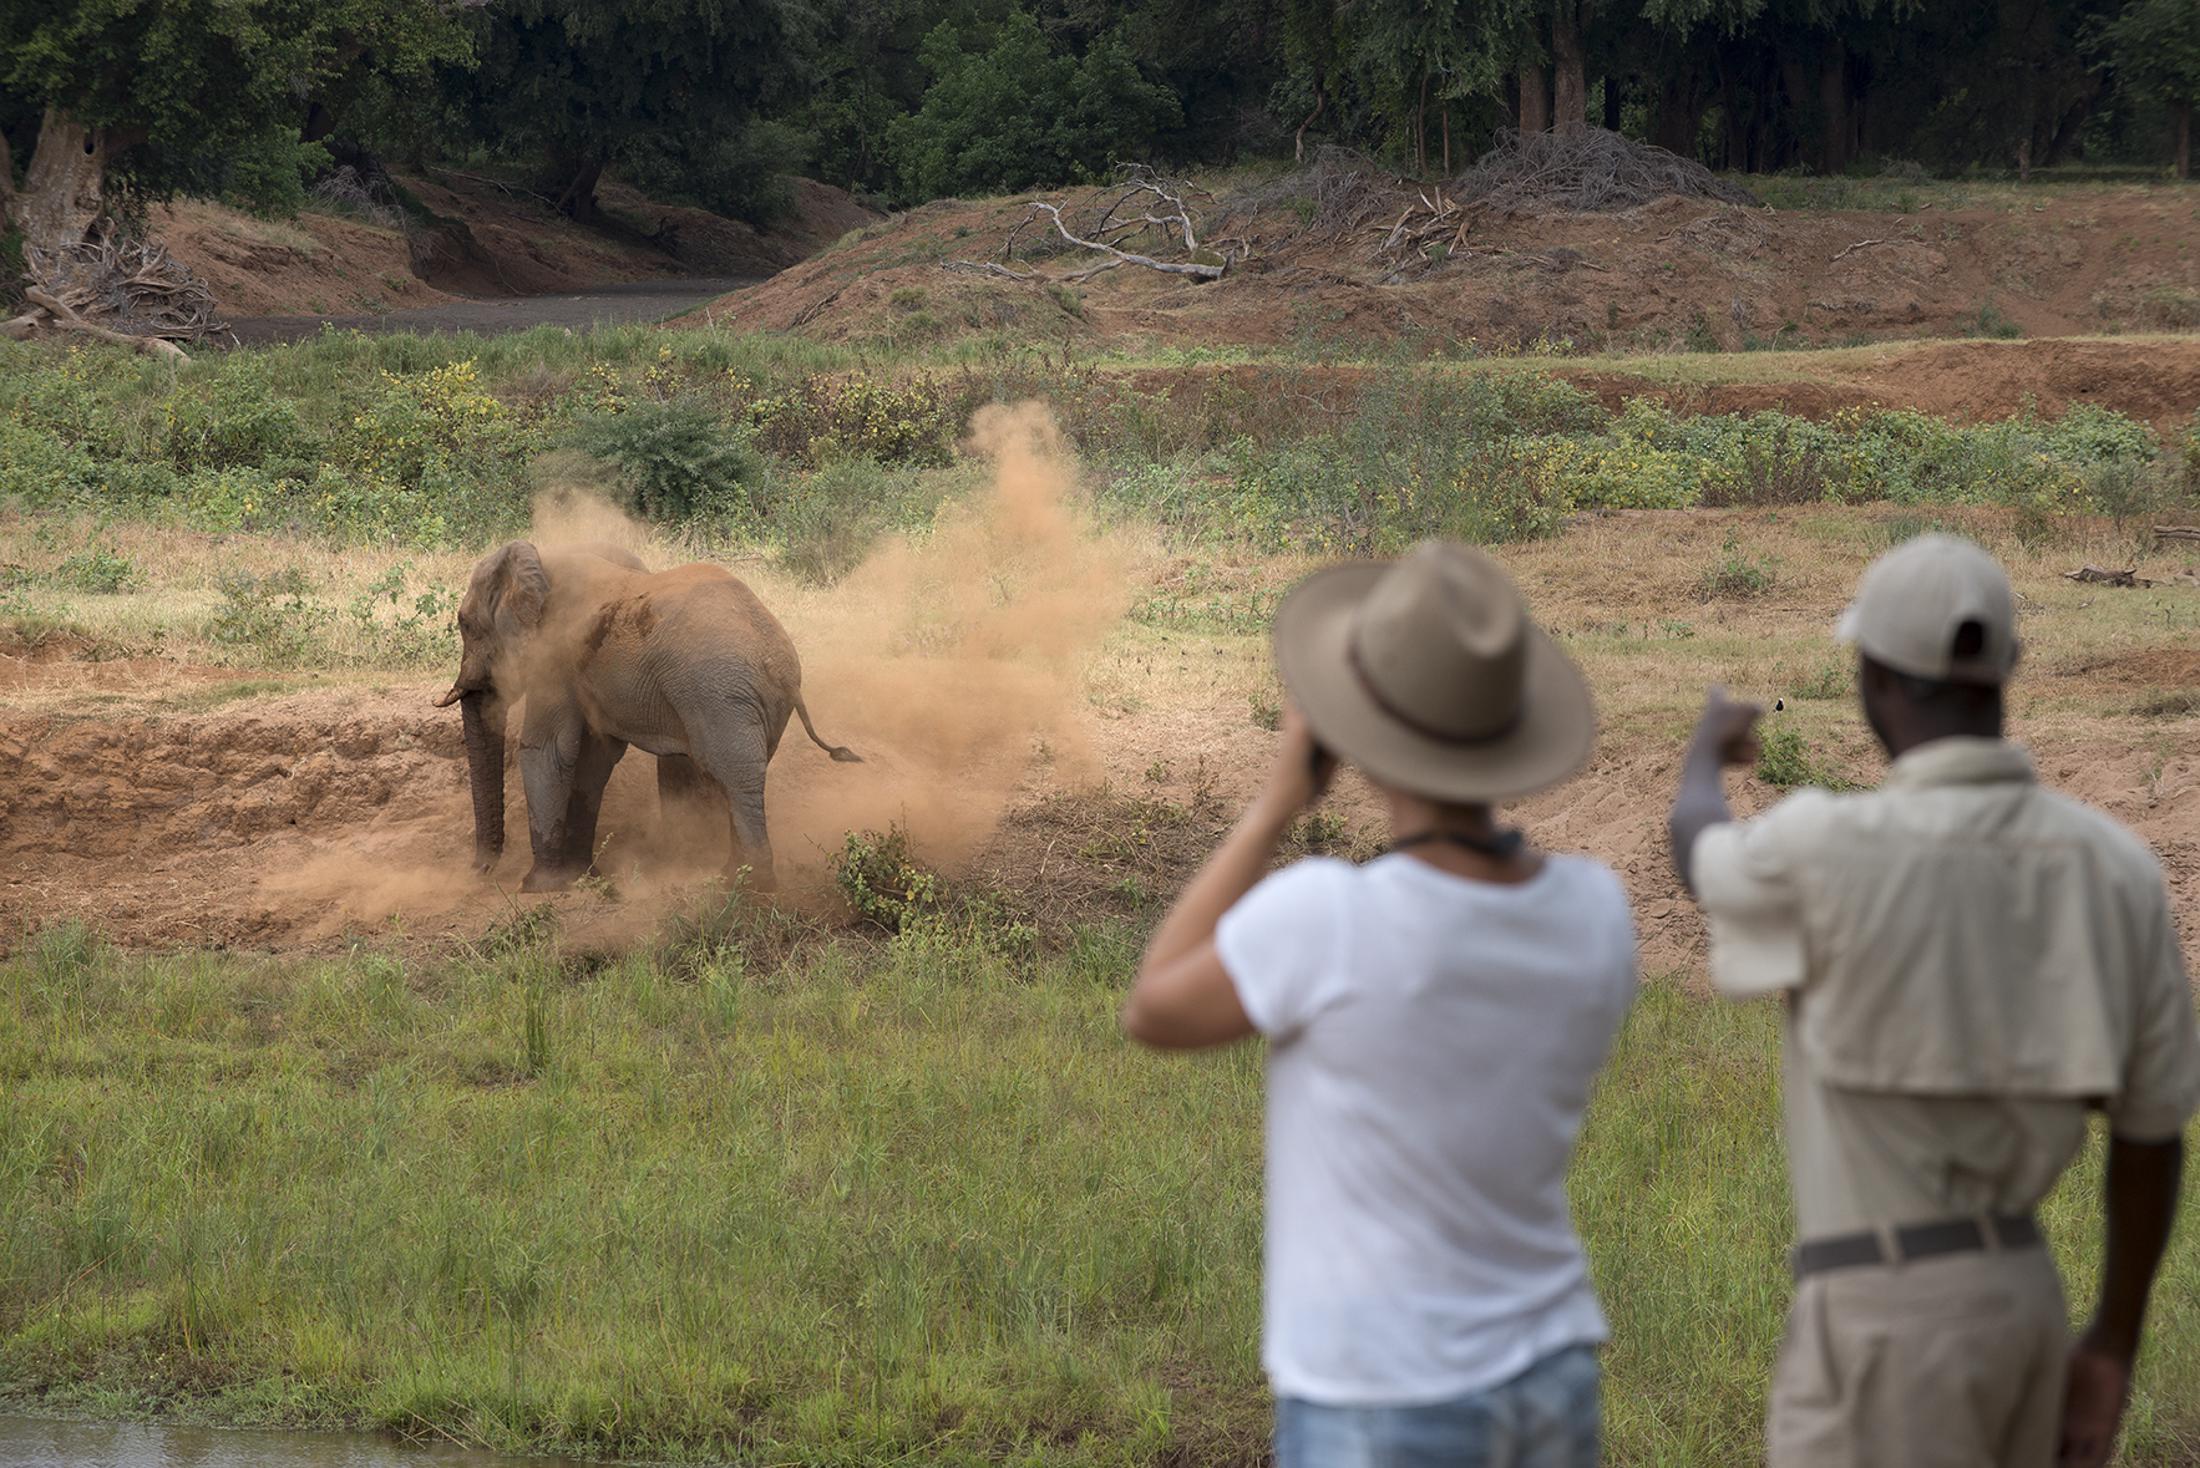 Safari & Natuur reizen - Olifant tijdens een wandelsafari in het noorden van het Kruger National Park